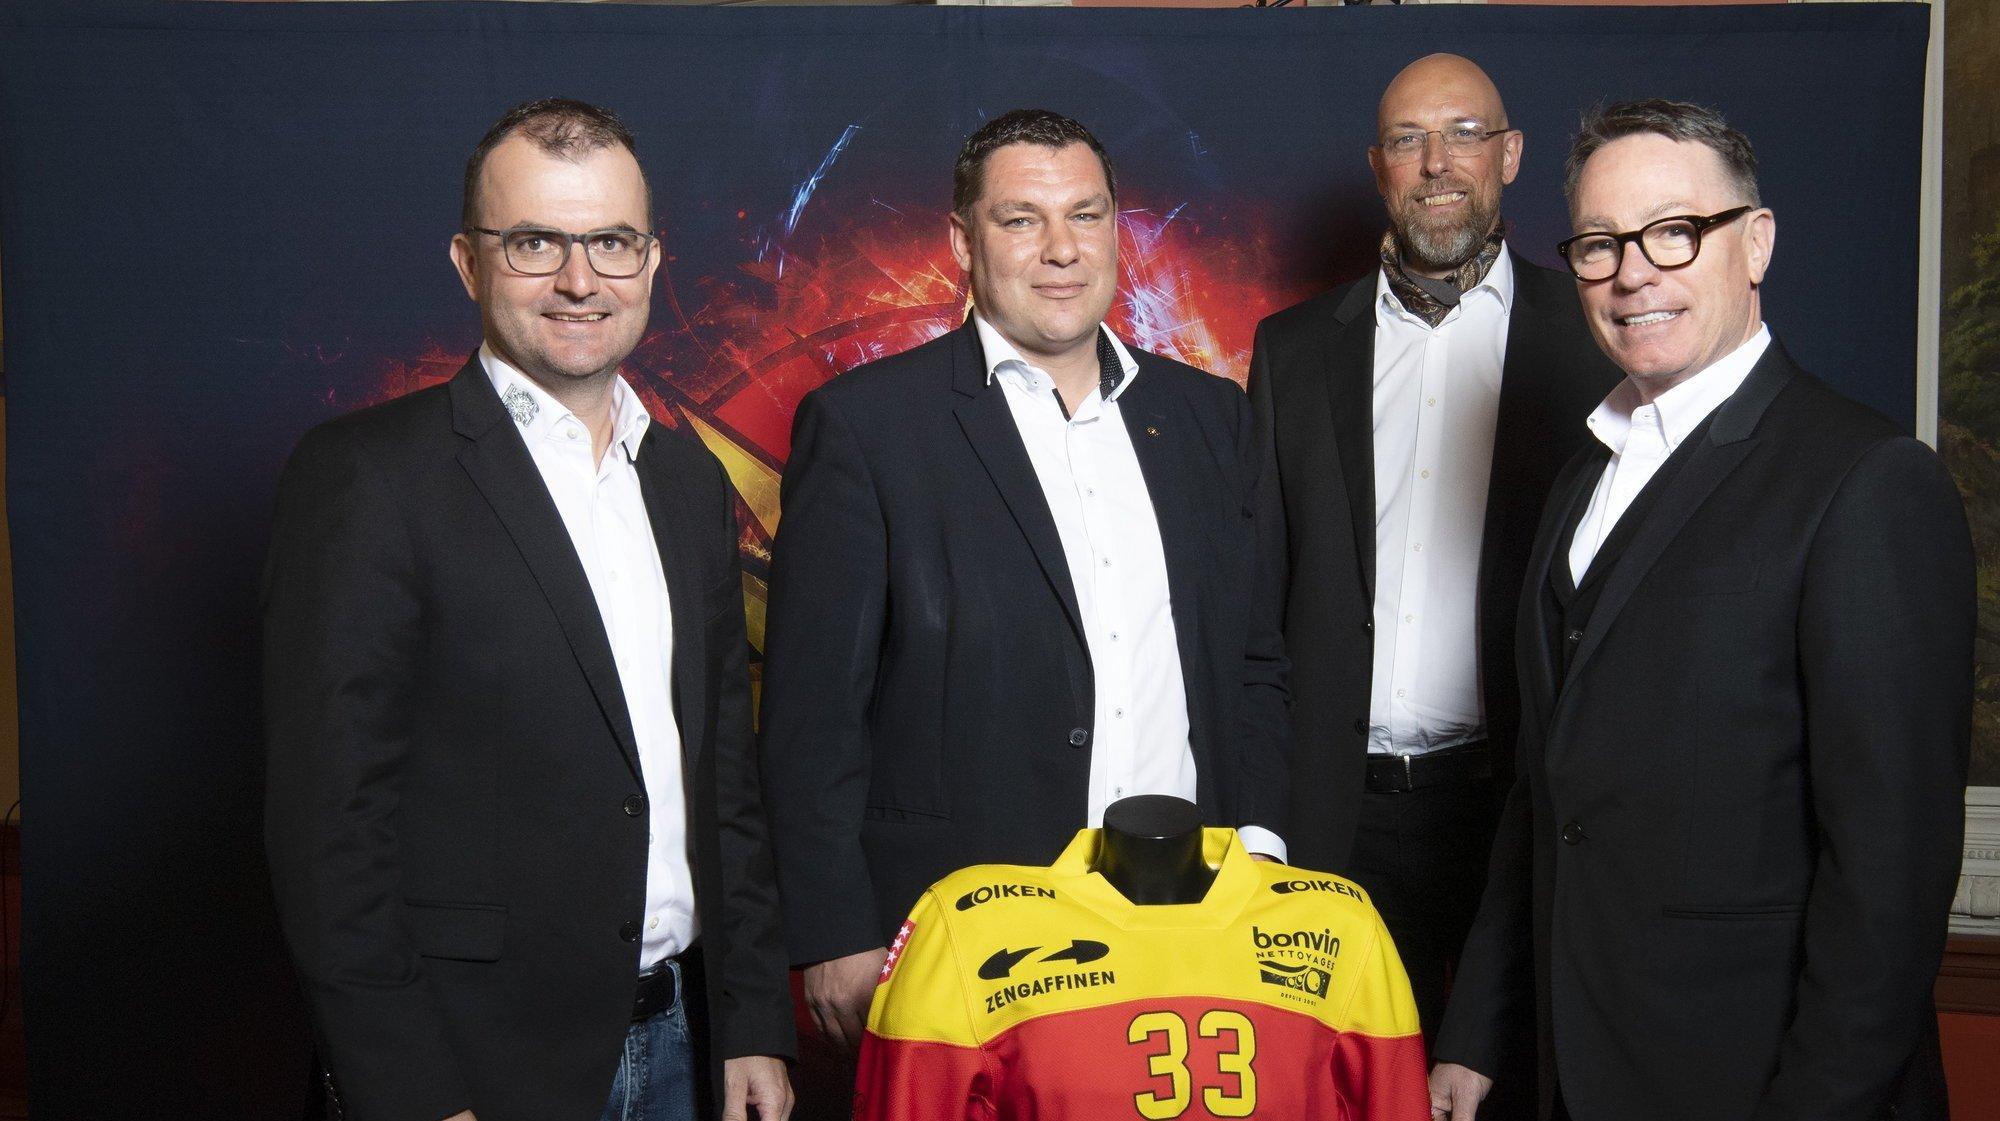 La future patinoire de Sierre est portée par trois partenaires convaincus